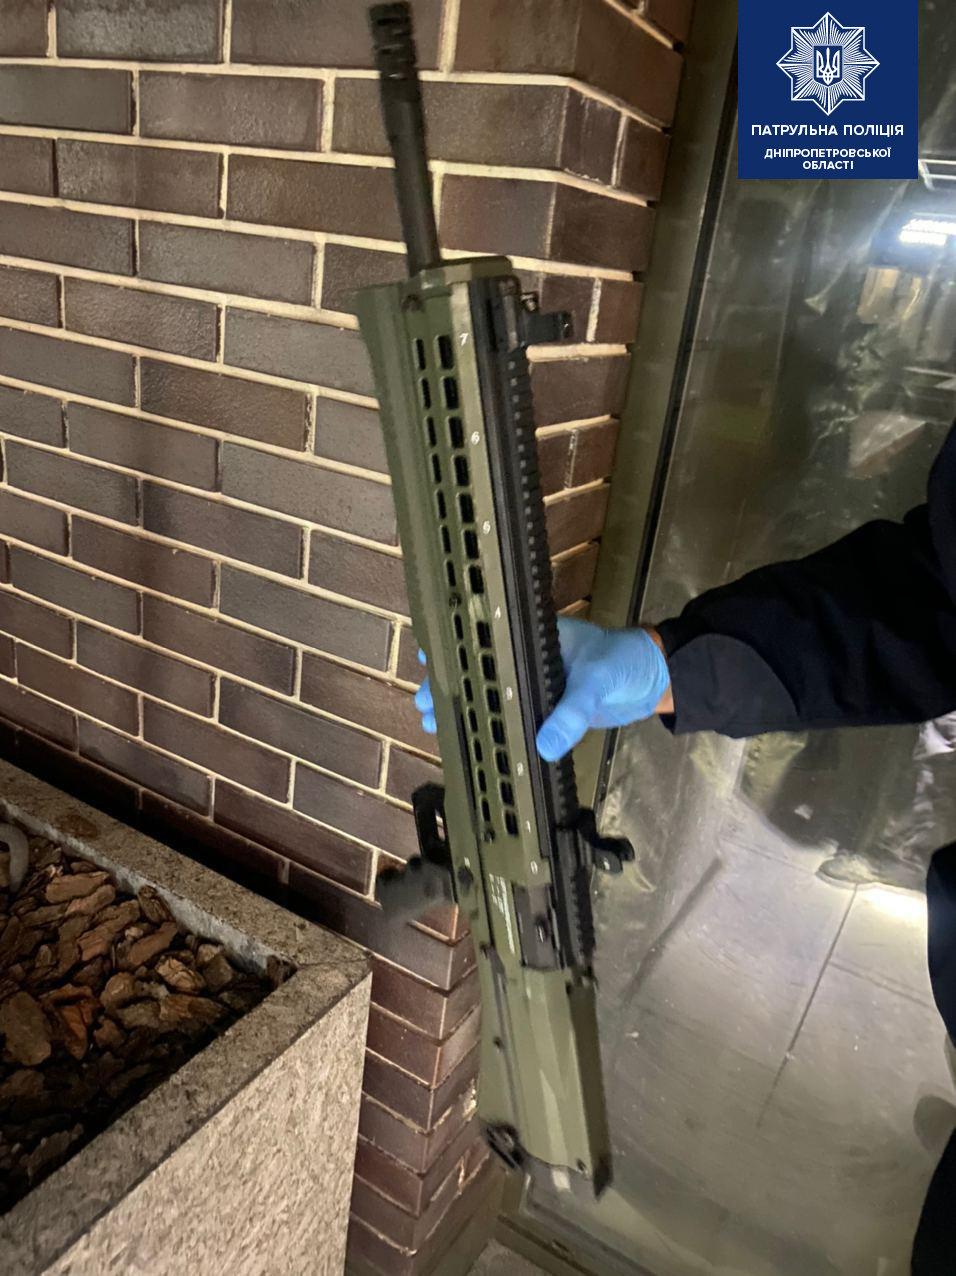 Были слышны выстрелы: у  синагоги в Днепре задержали трех вооруженных людей, - ФОТО, фото-2